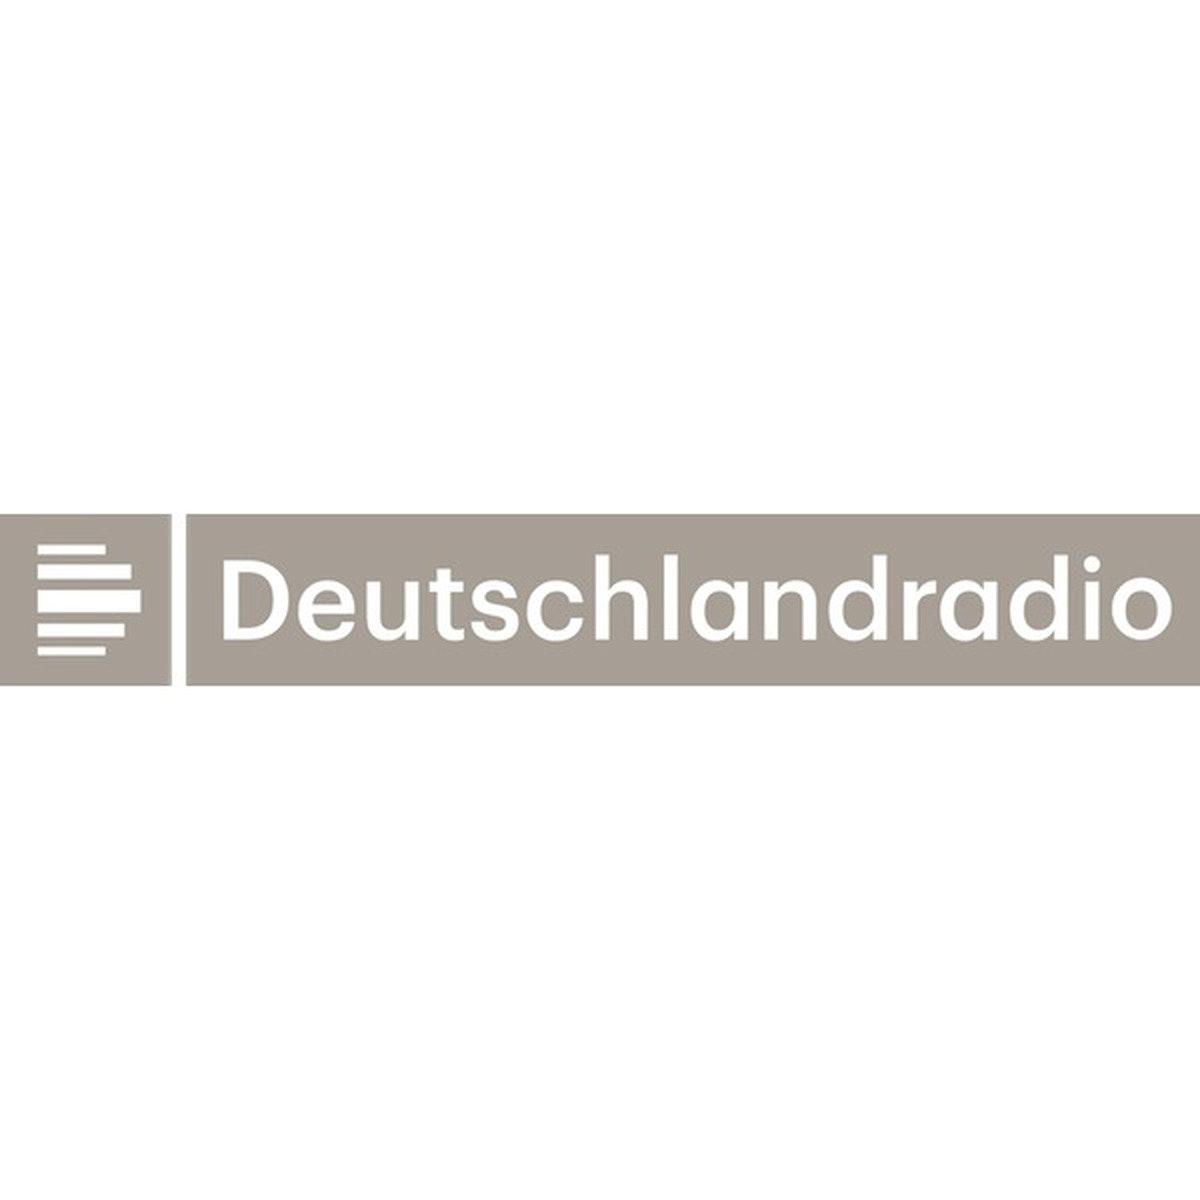 Deutschlandradio – Deutschlandfunk Kultur